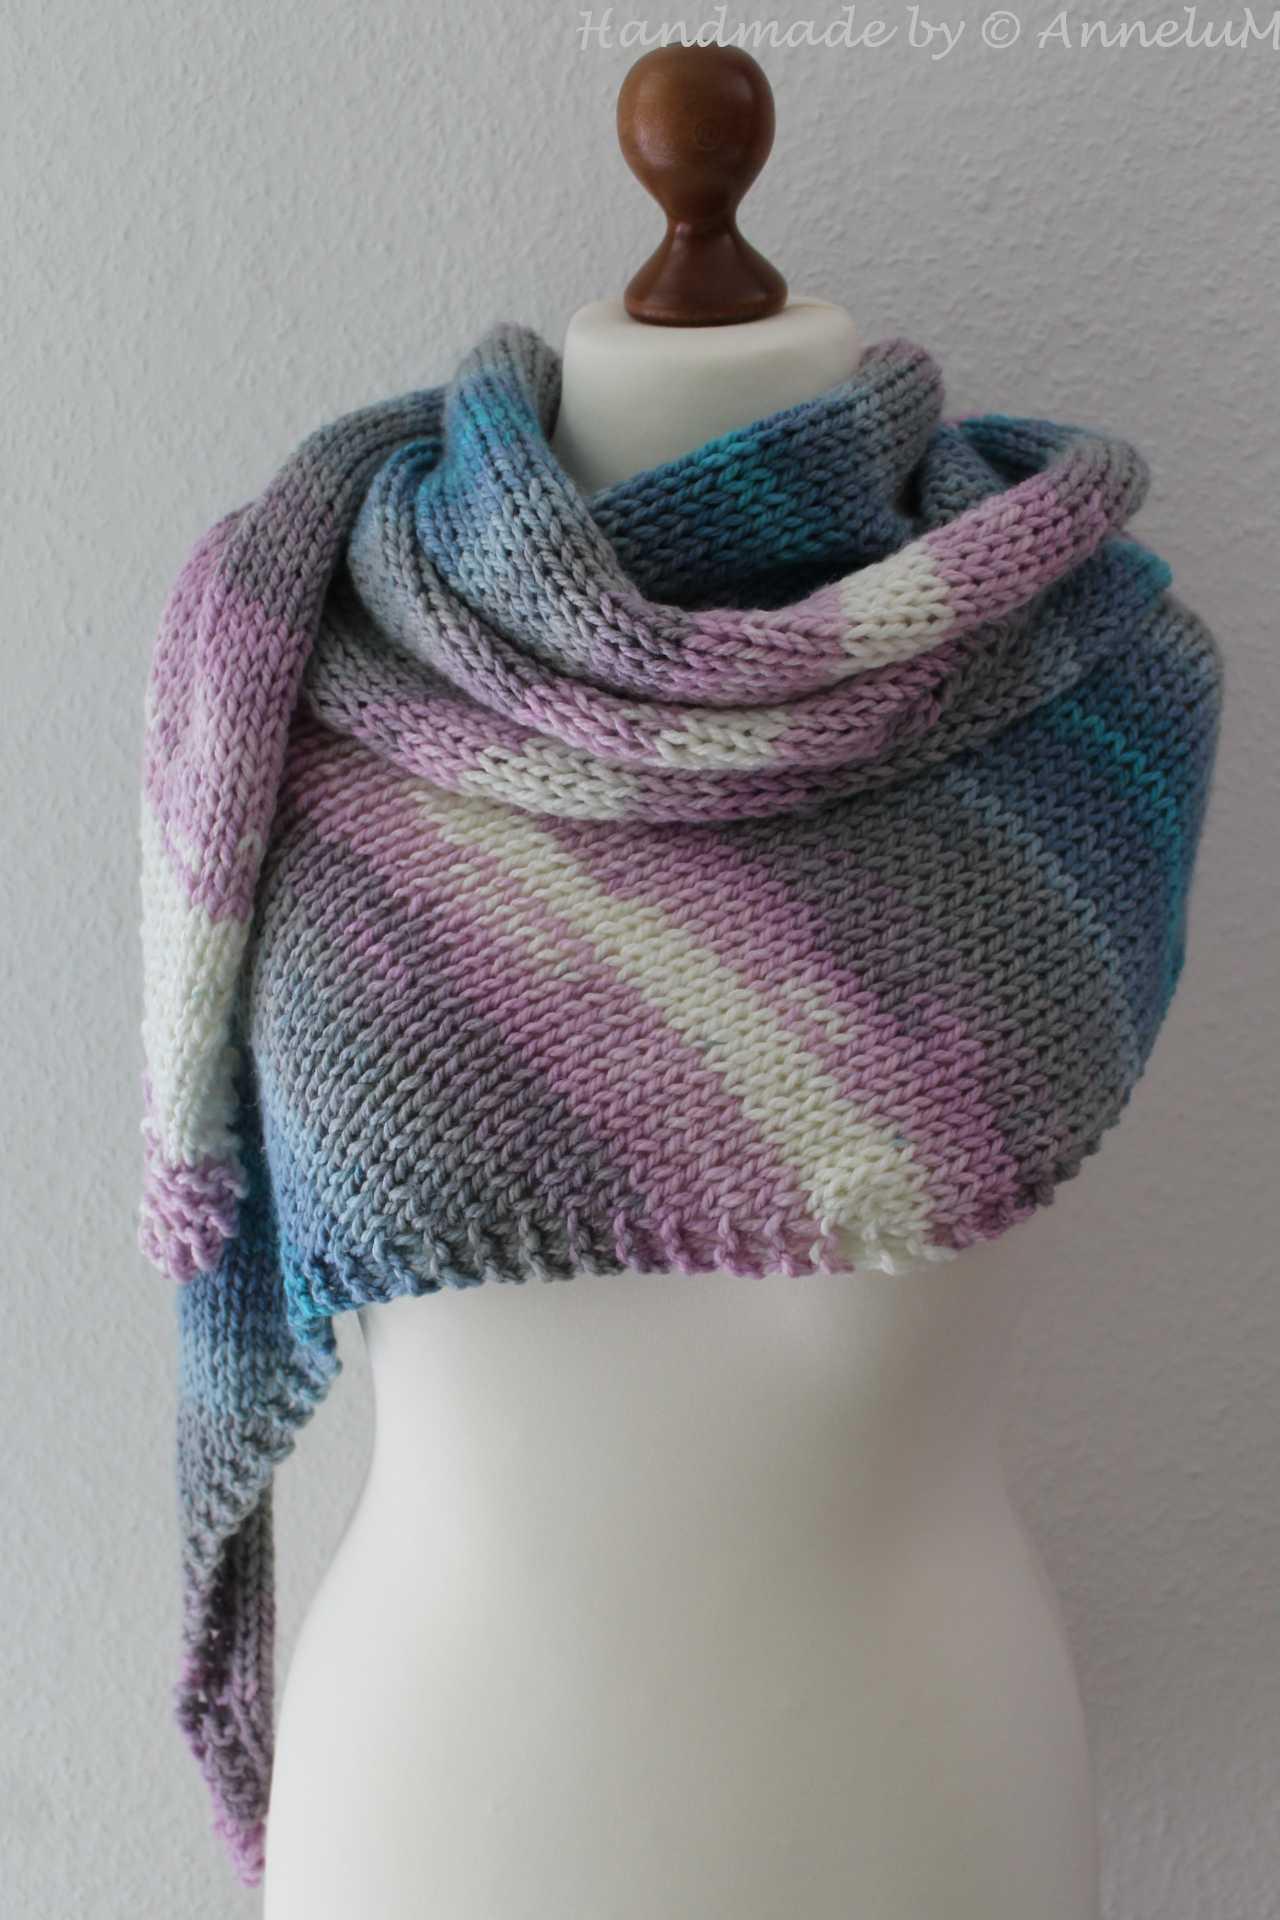 Schal Handmade by AnneluM